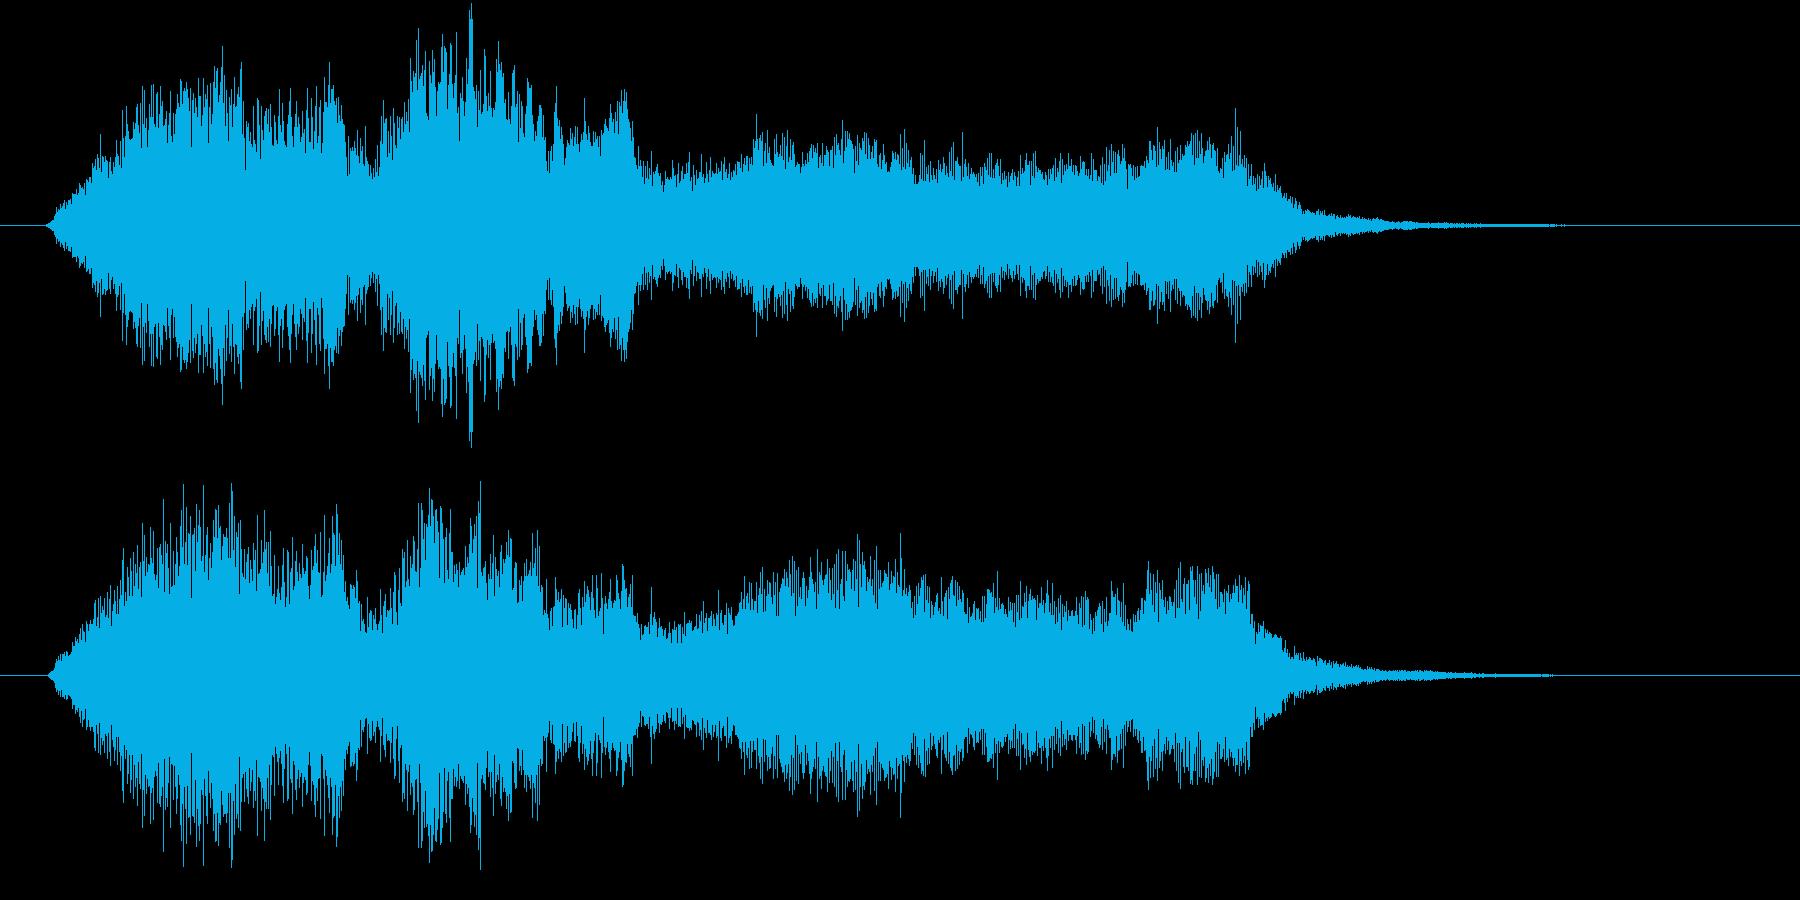 弦楽四重奏によるやわらかい印象のロゴの再生済みの波形